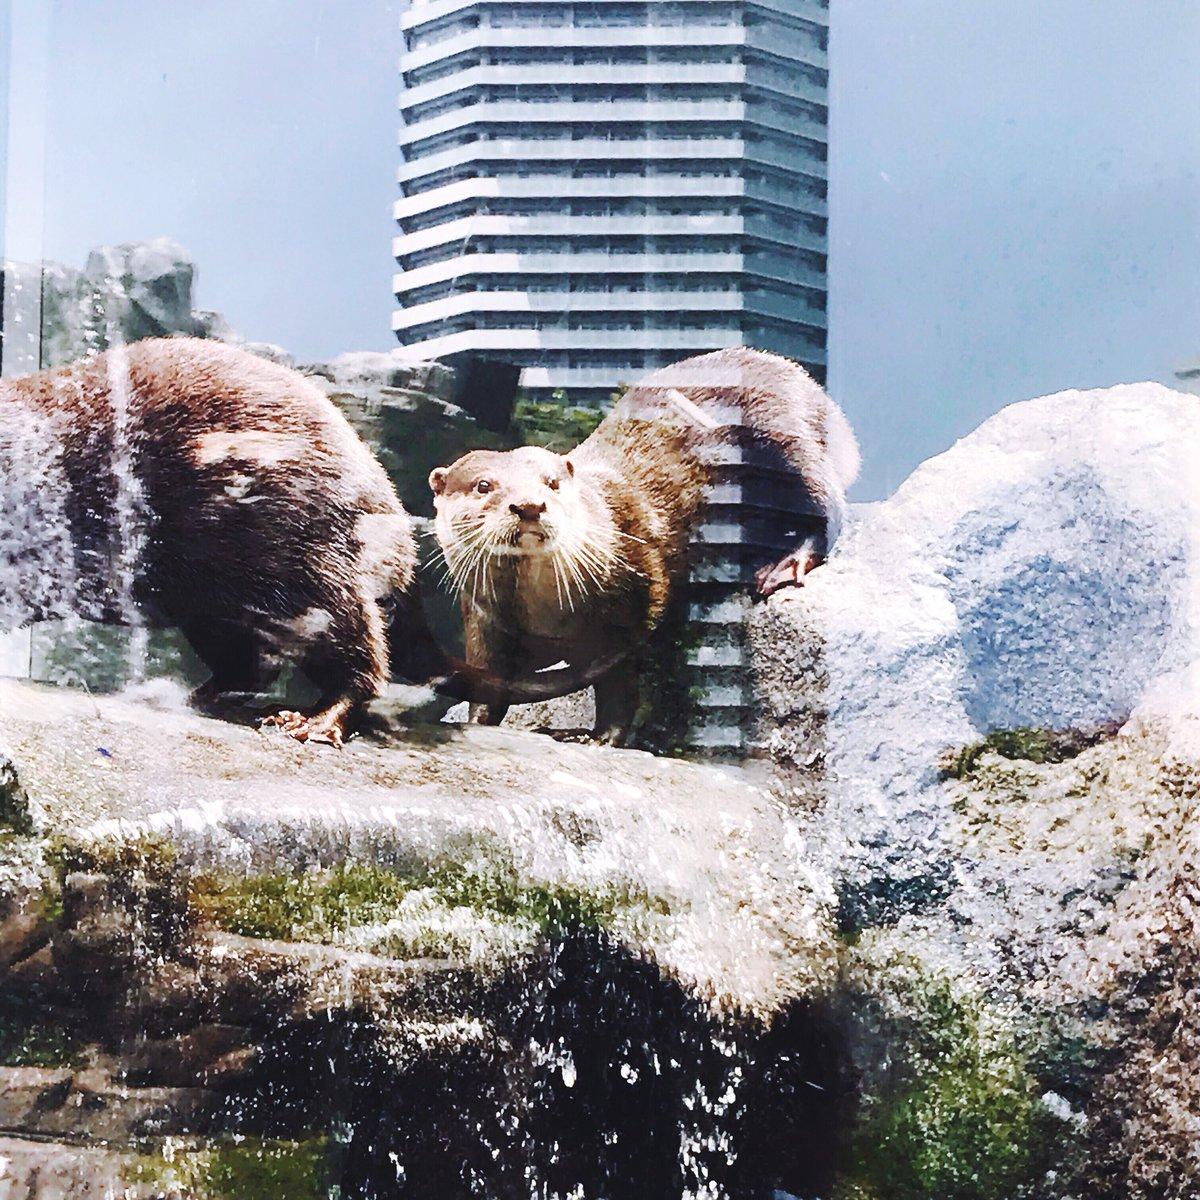 水族館での結婚式に出席してカワウソ撮ったらガラスに反射した高層マンションがやたら反映されて撮れたものがこちら